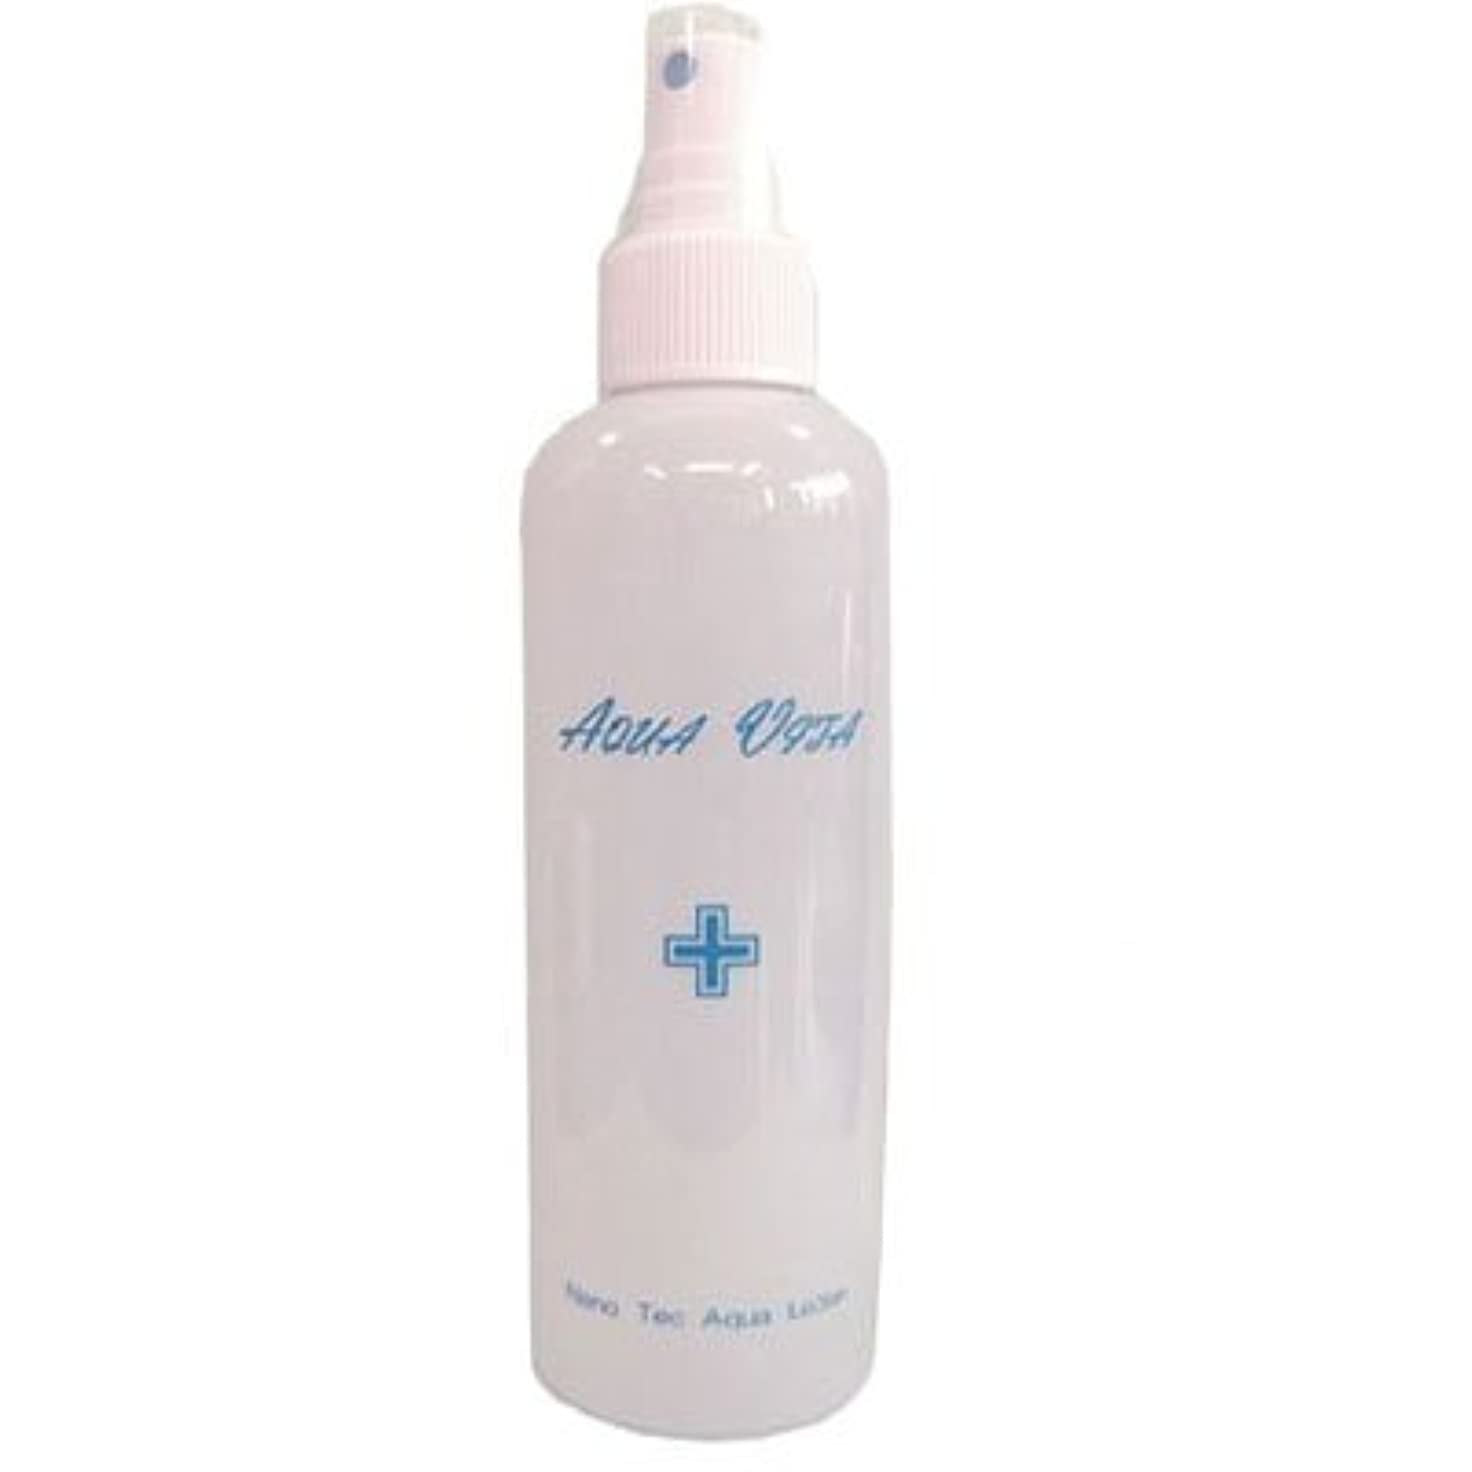 乏しい誰とにかくアクアビータスキンケア 超ミネラル水で製造 アクアビータローション 200ml 保湿 無香料 無着色